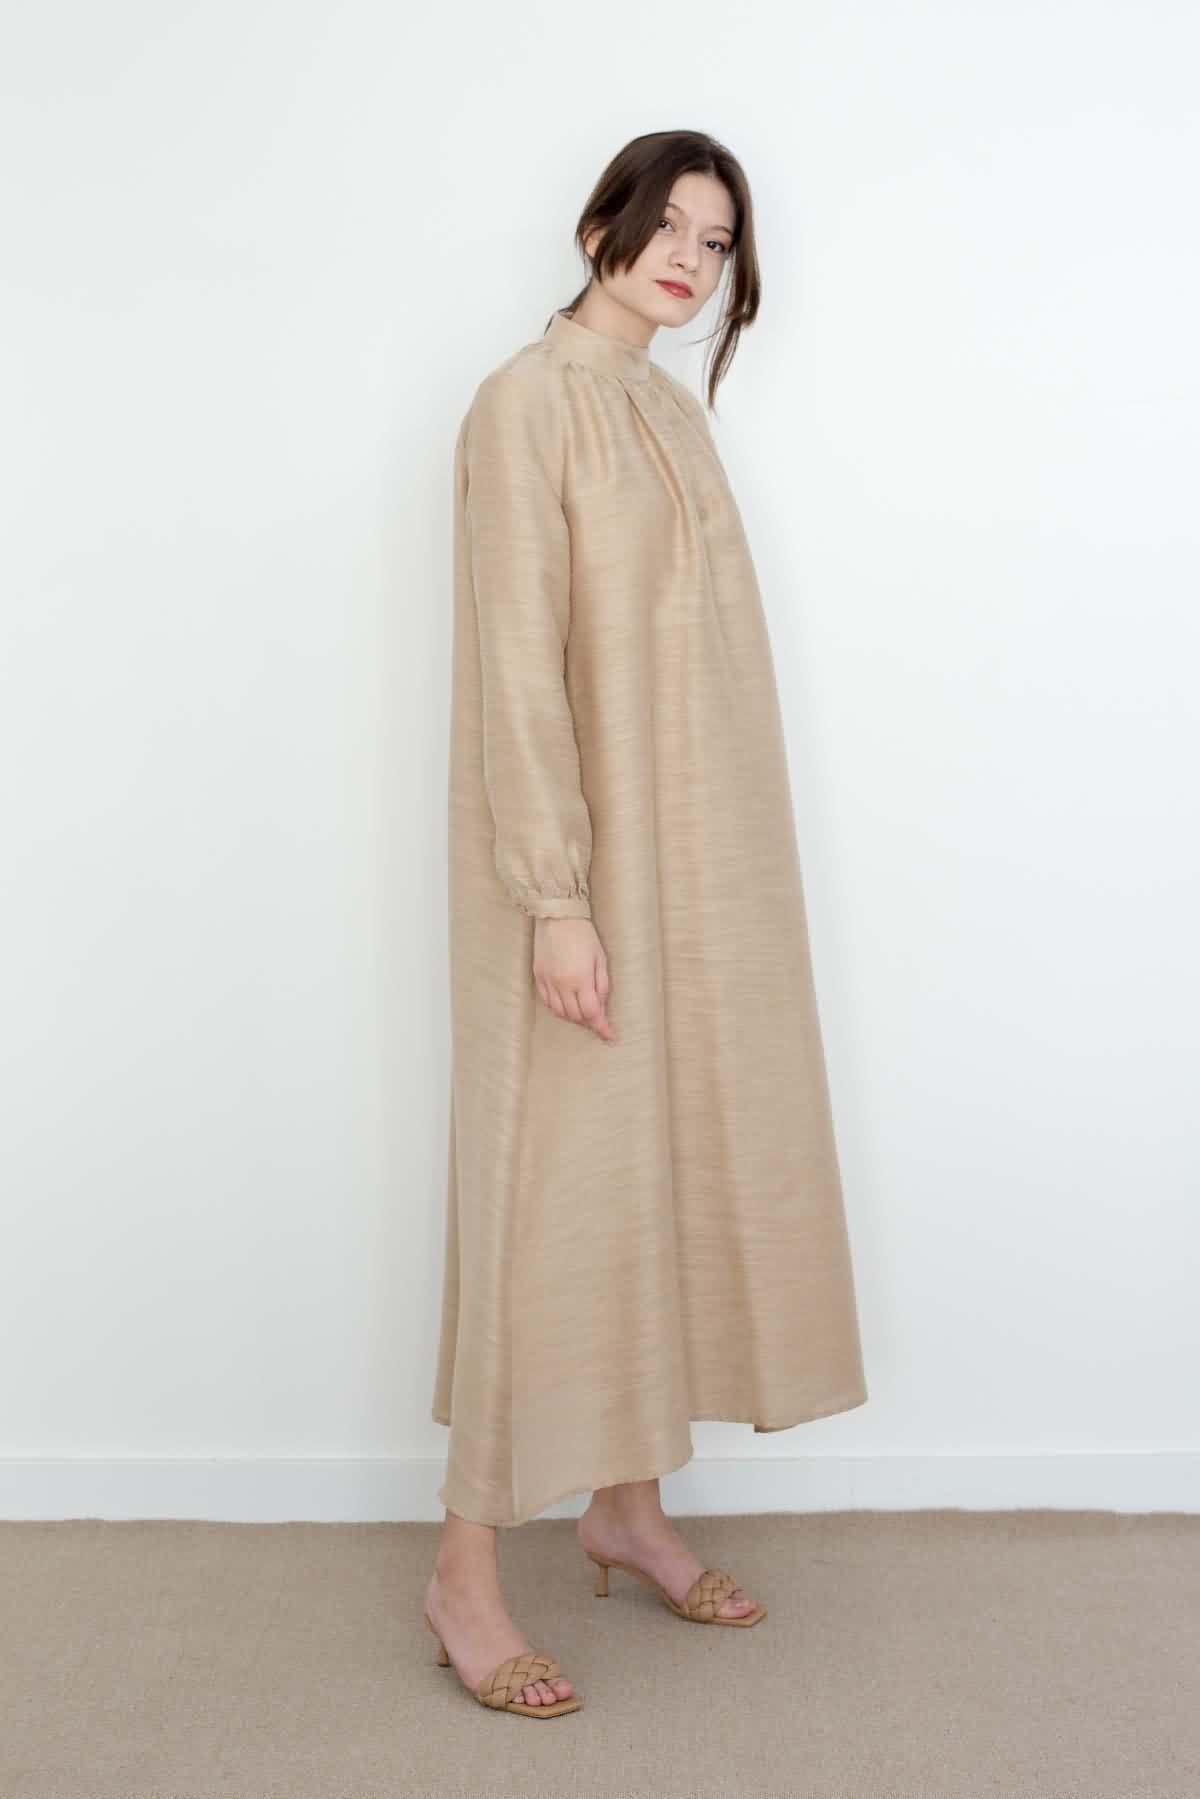 Mevra - Keten Görünümlü Elbise Bej